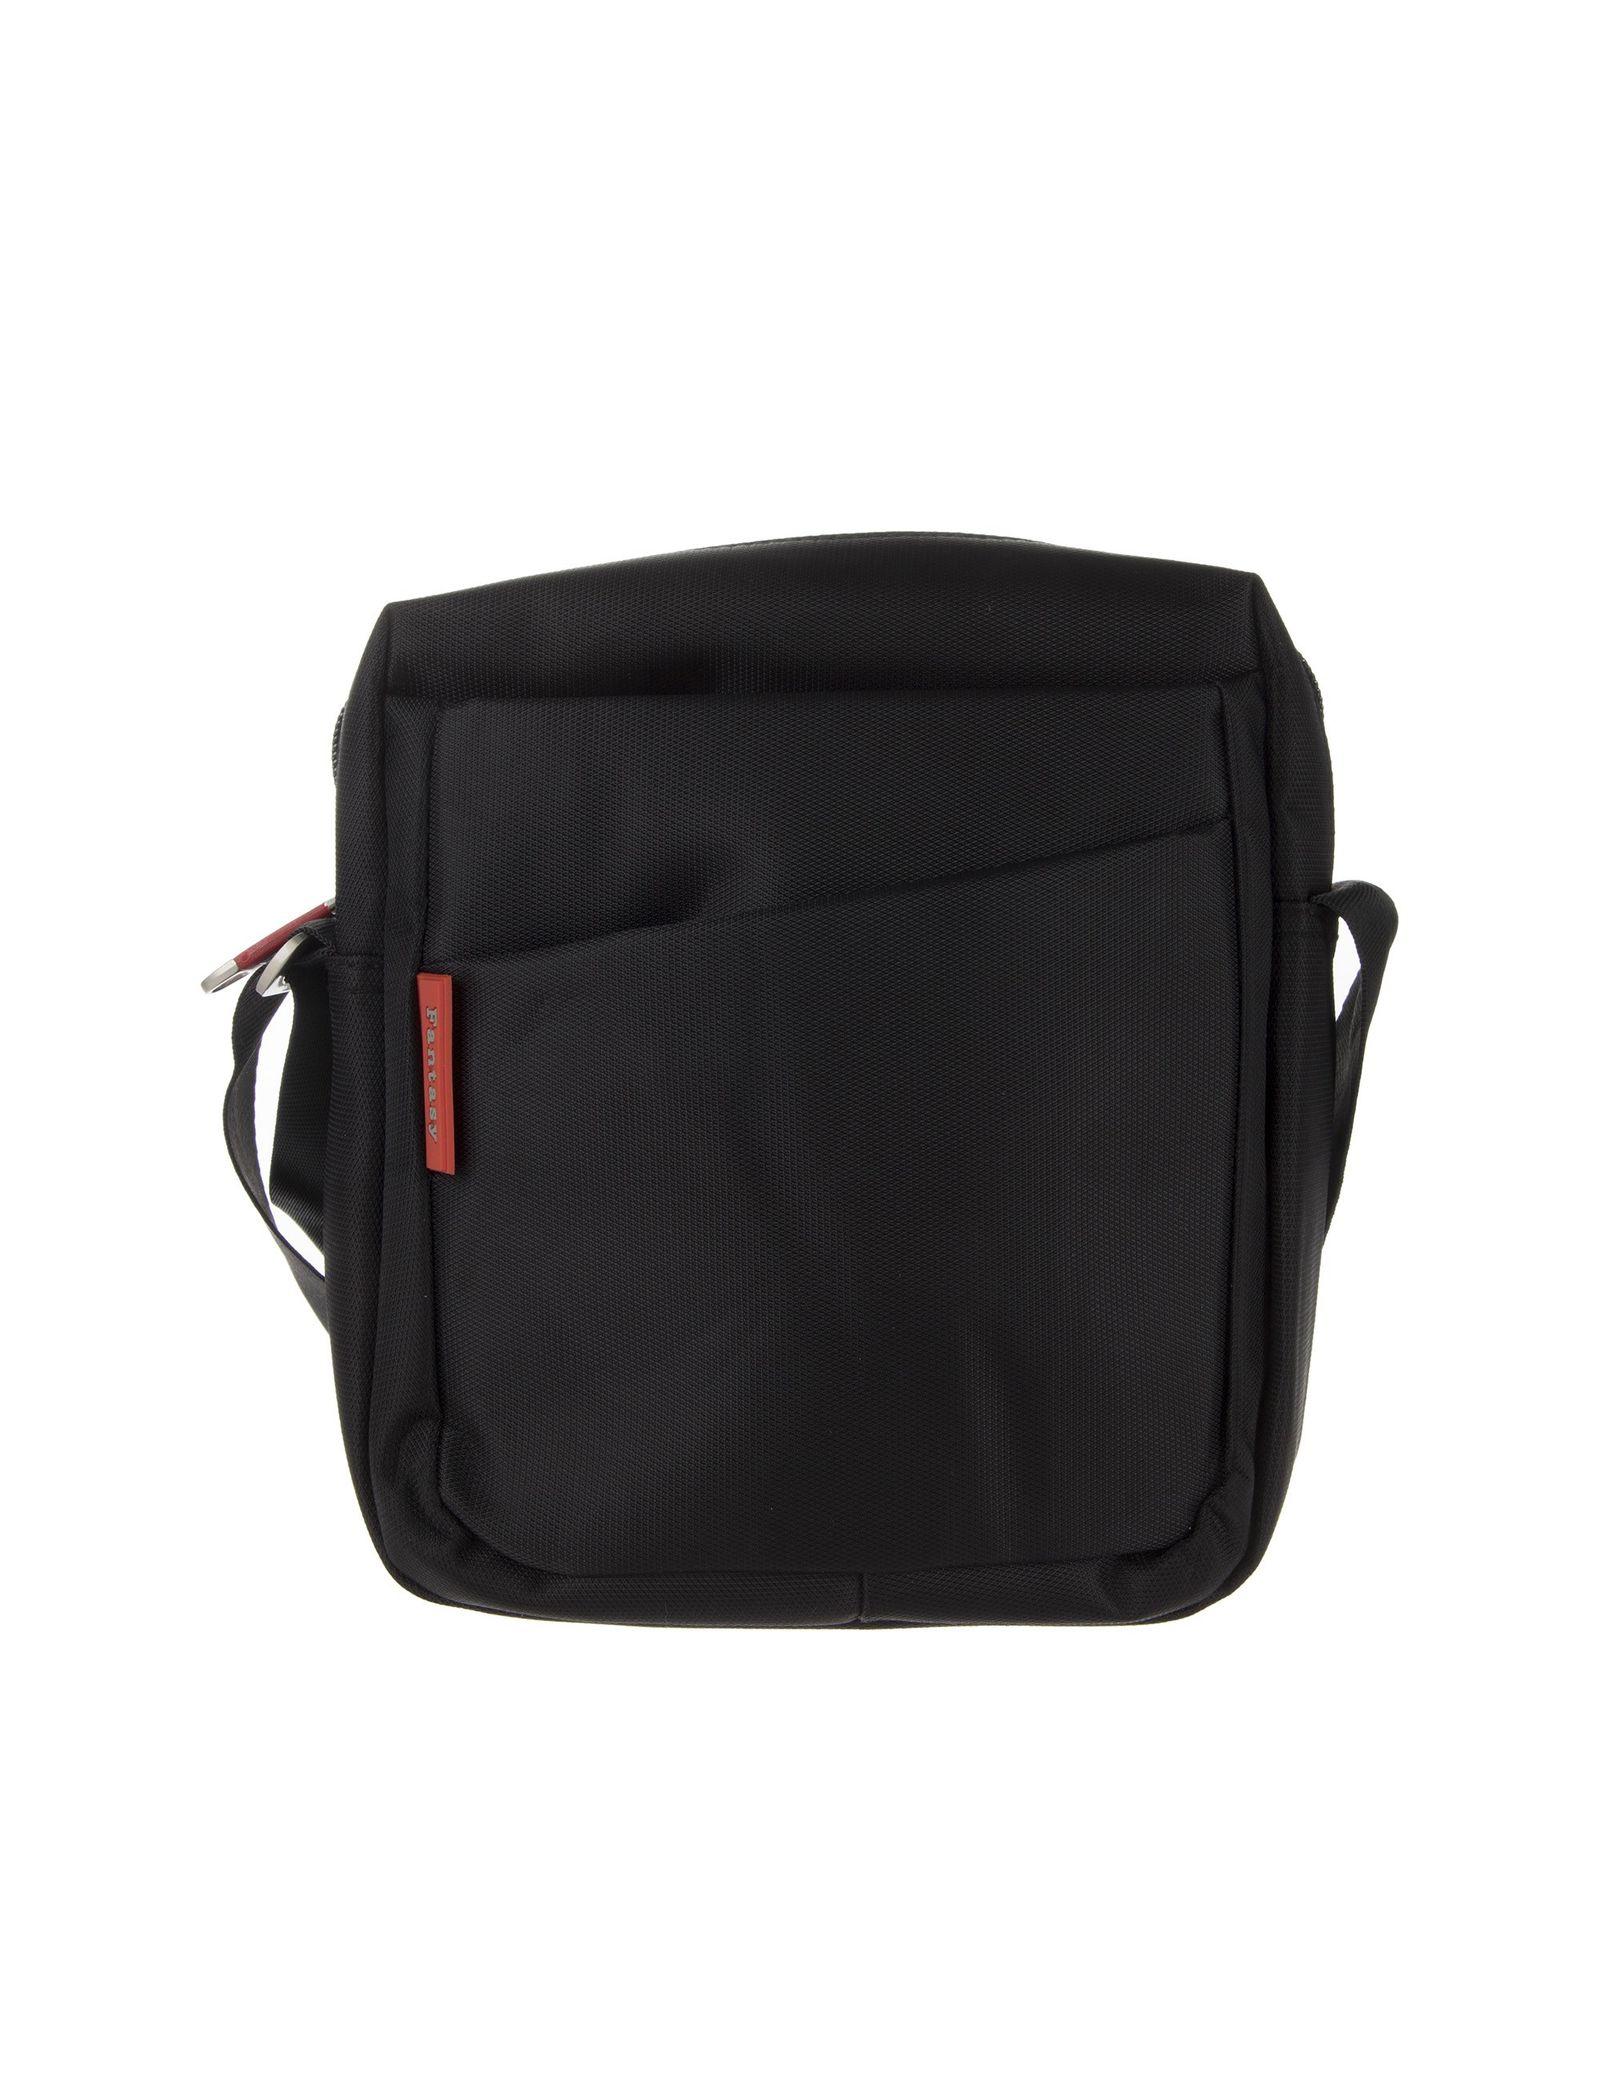 کیف دوشی روزمره بزرگسال - دادلین تک سایز - مشکي - 1